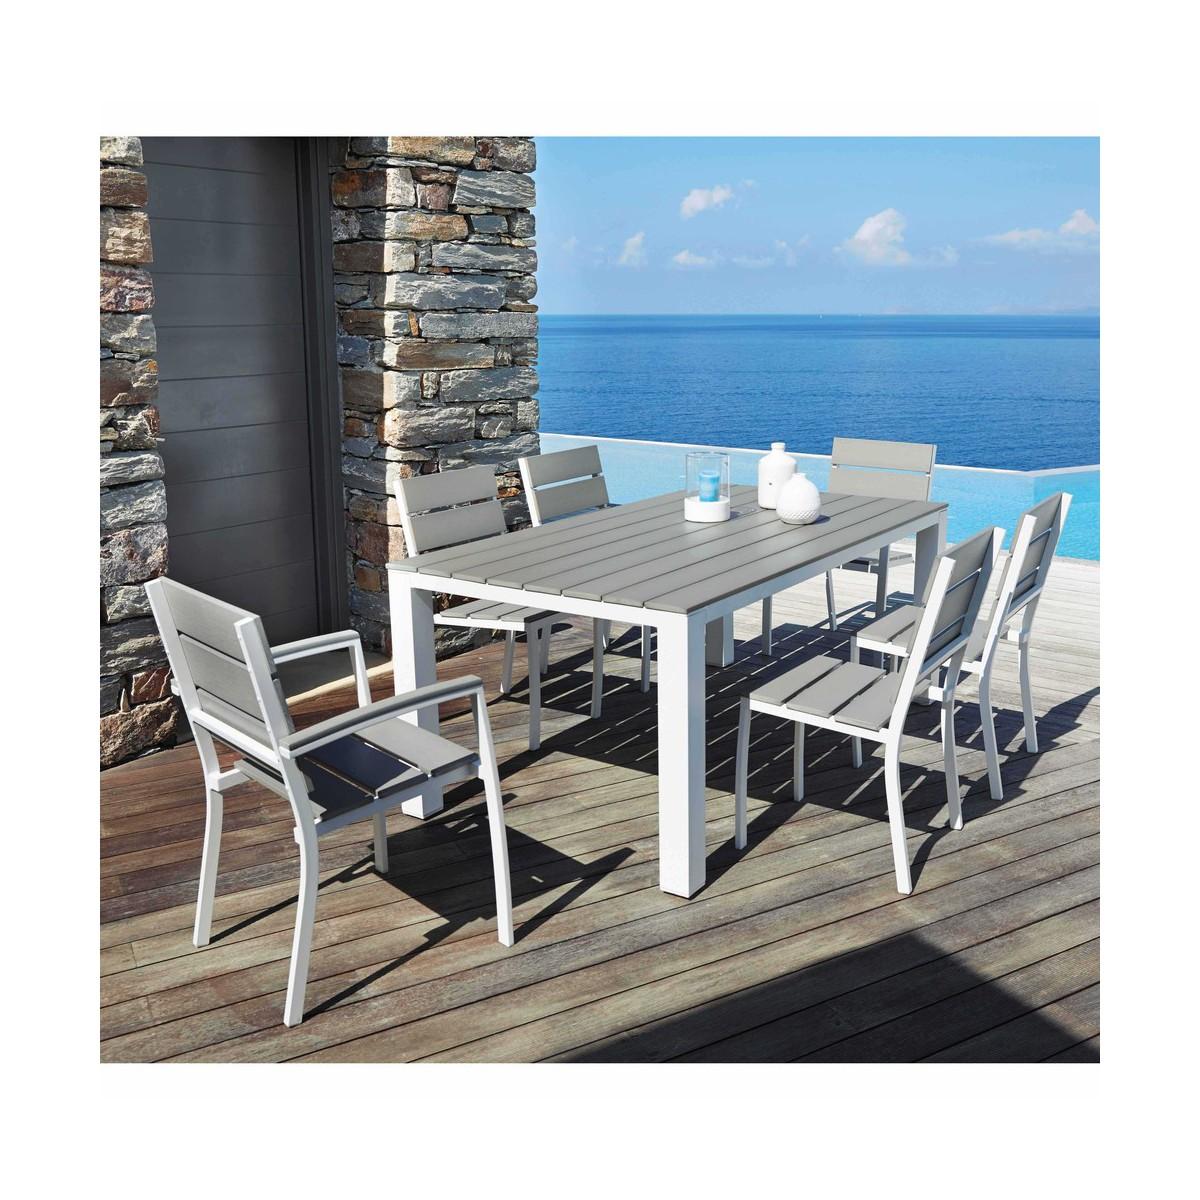 Table de jardin en composite imitation bois et aluminium gris clair ...